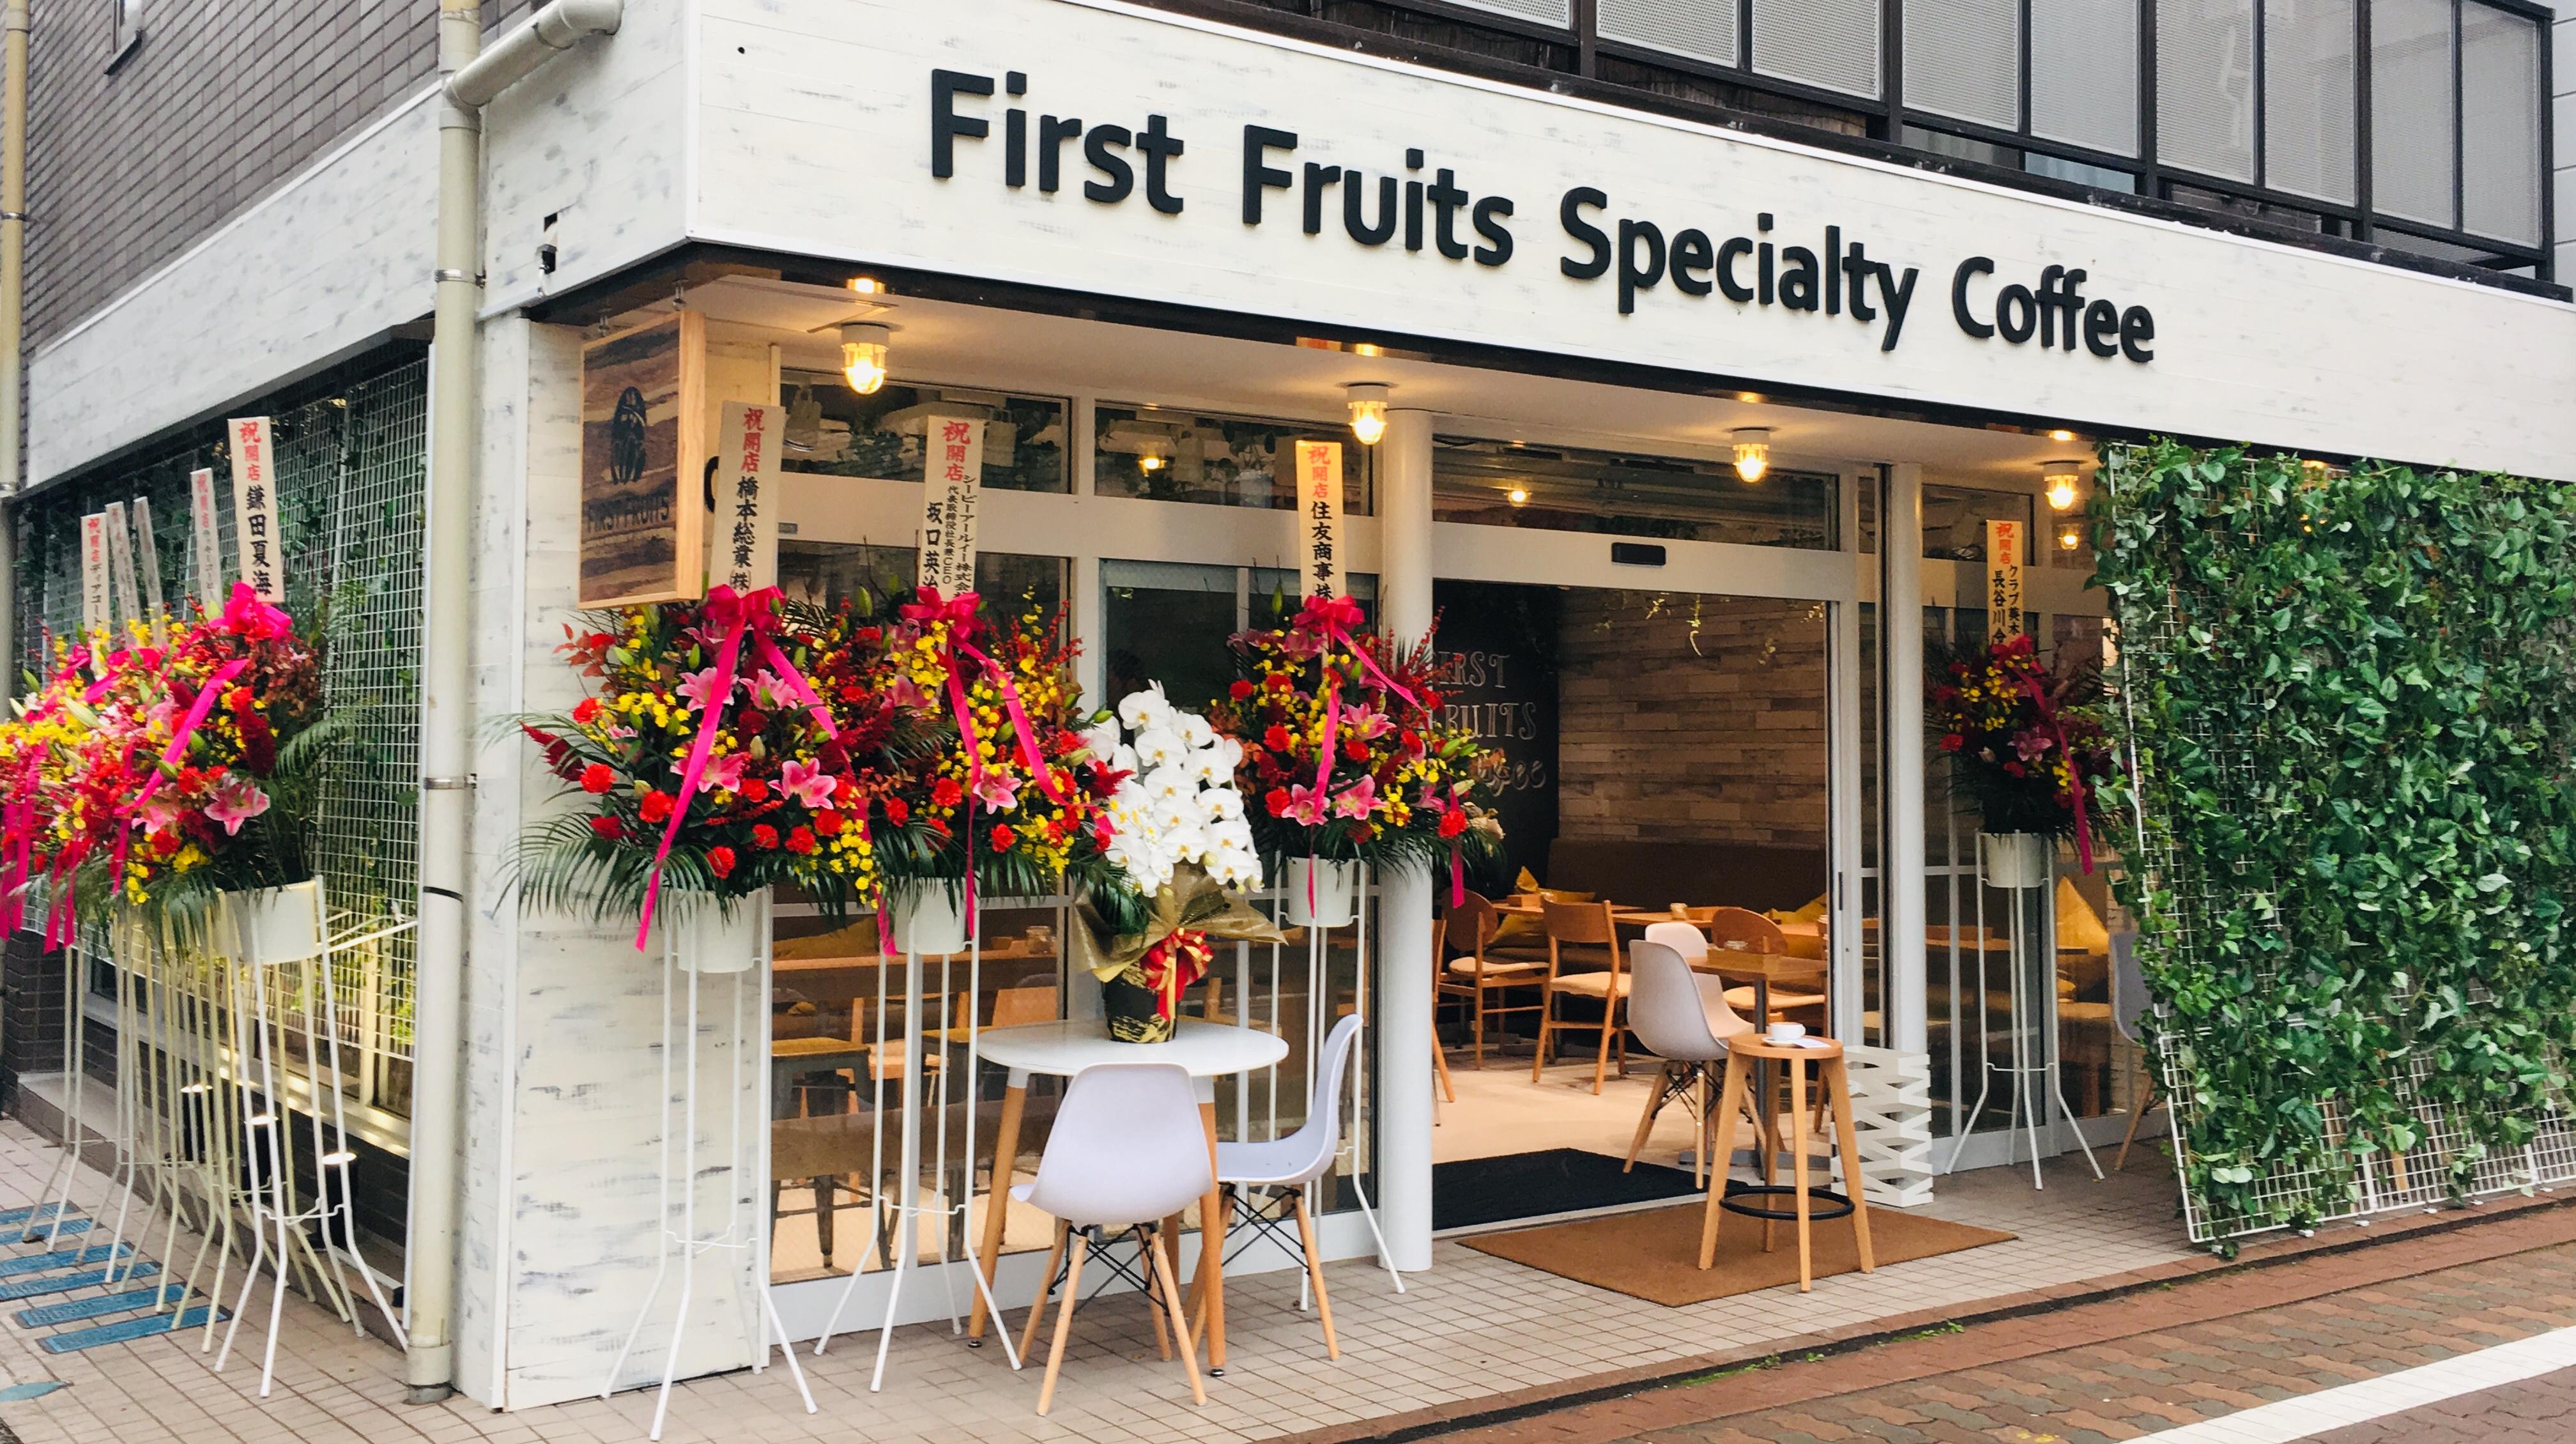 ファーストフルーツコーヒー 白金店! オーストラリアの人気カフェ